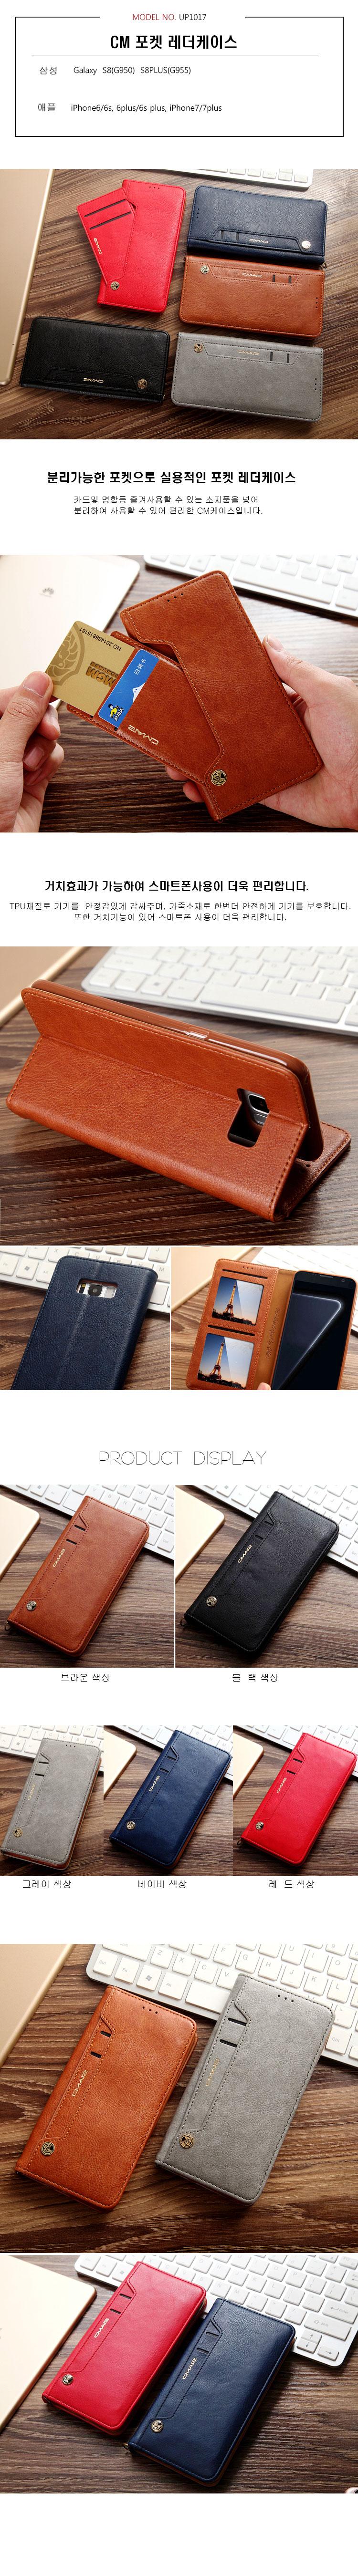 갤럭시s10 5g/s9/s8플러스/노트10/노트9/8/카드 지갑 - 유니커블, 10,800원, 케이스, 갤럭시S10